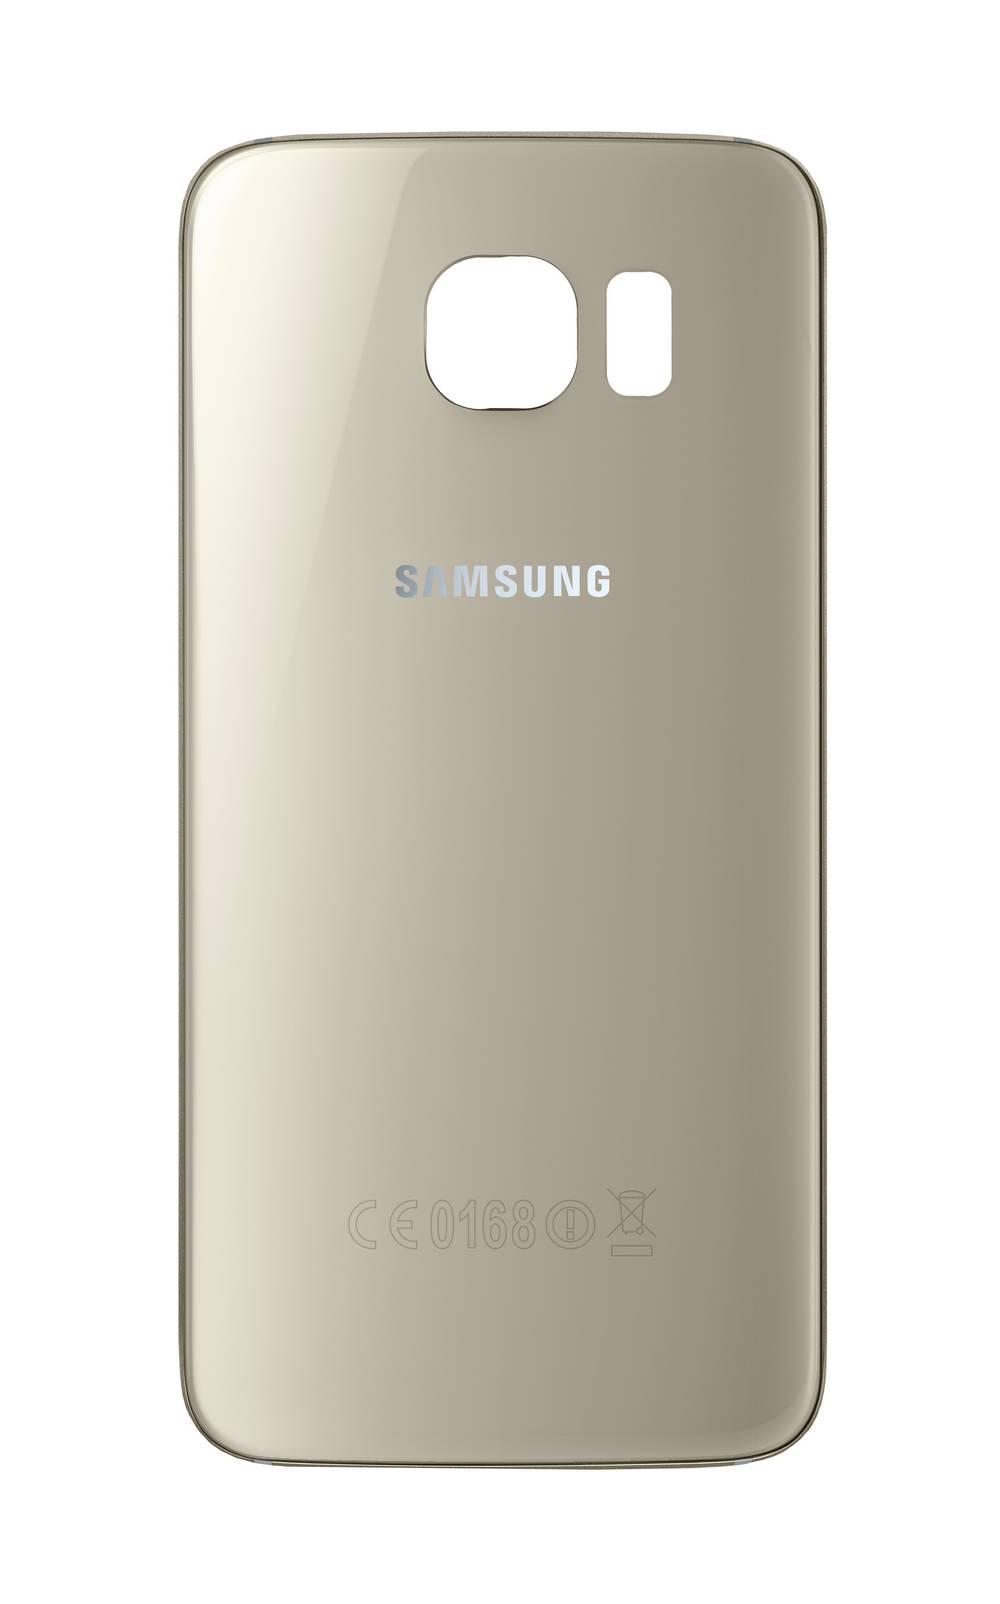 Καπάκι Μπαταρίας Samsung SM-G925F Galaxy S6 Edge Χρυσαφί Original GH82-09602C